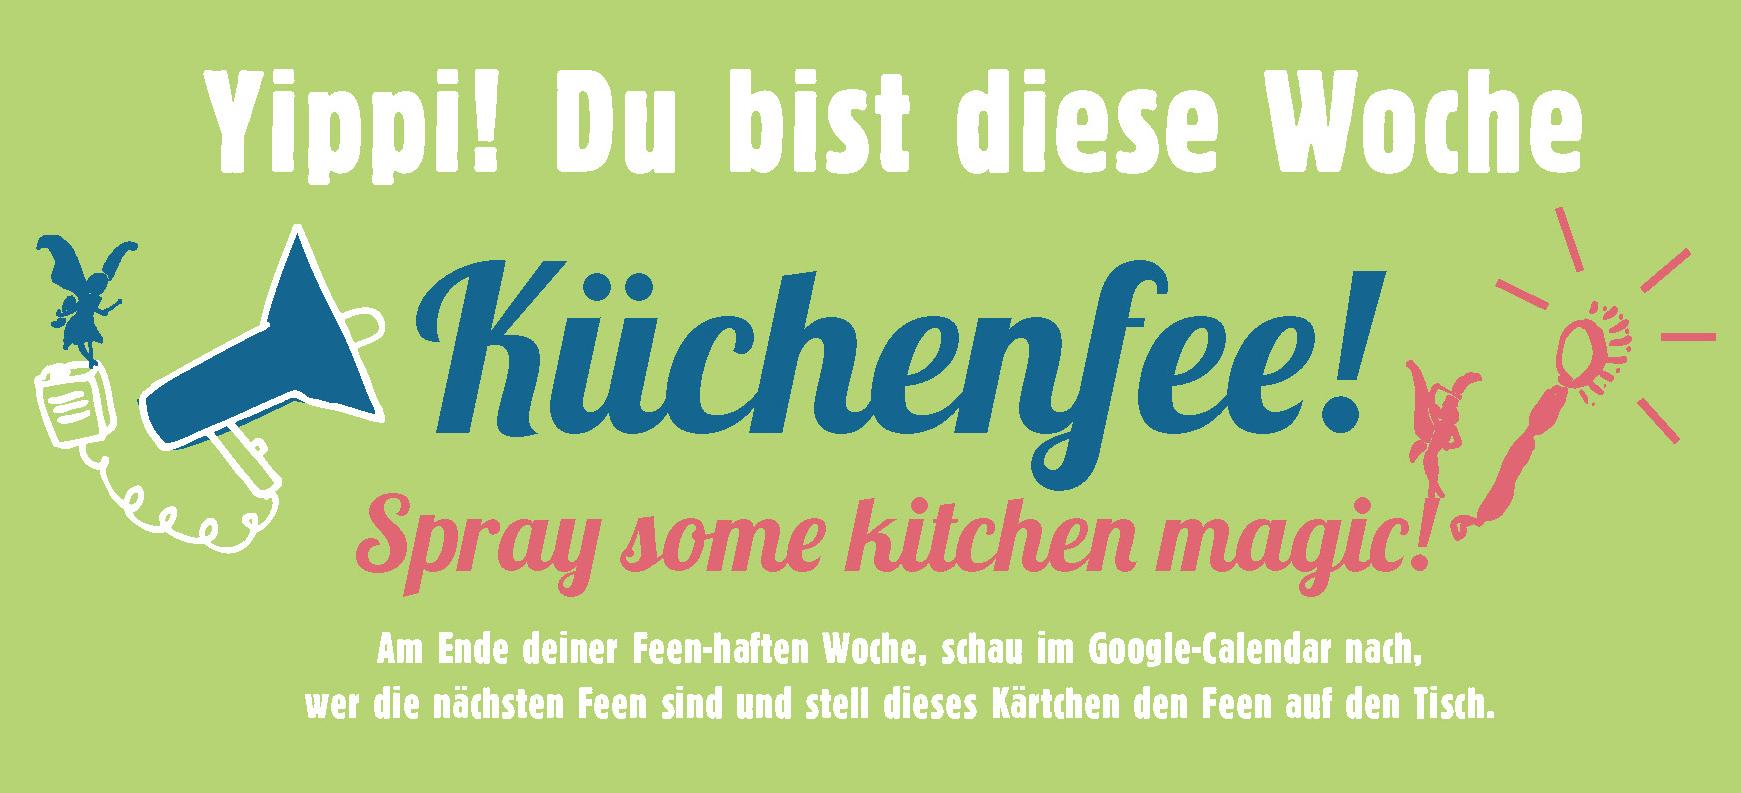 Küchenfee_01.jpg